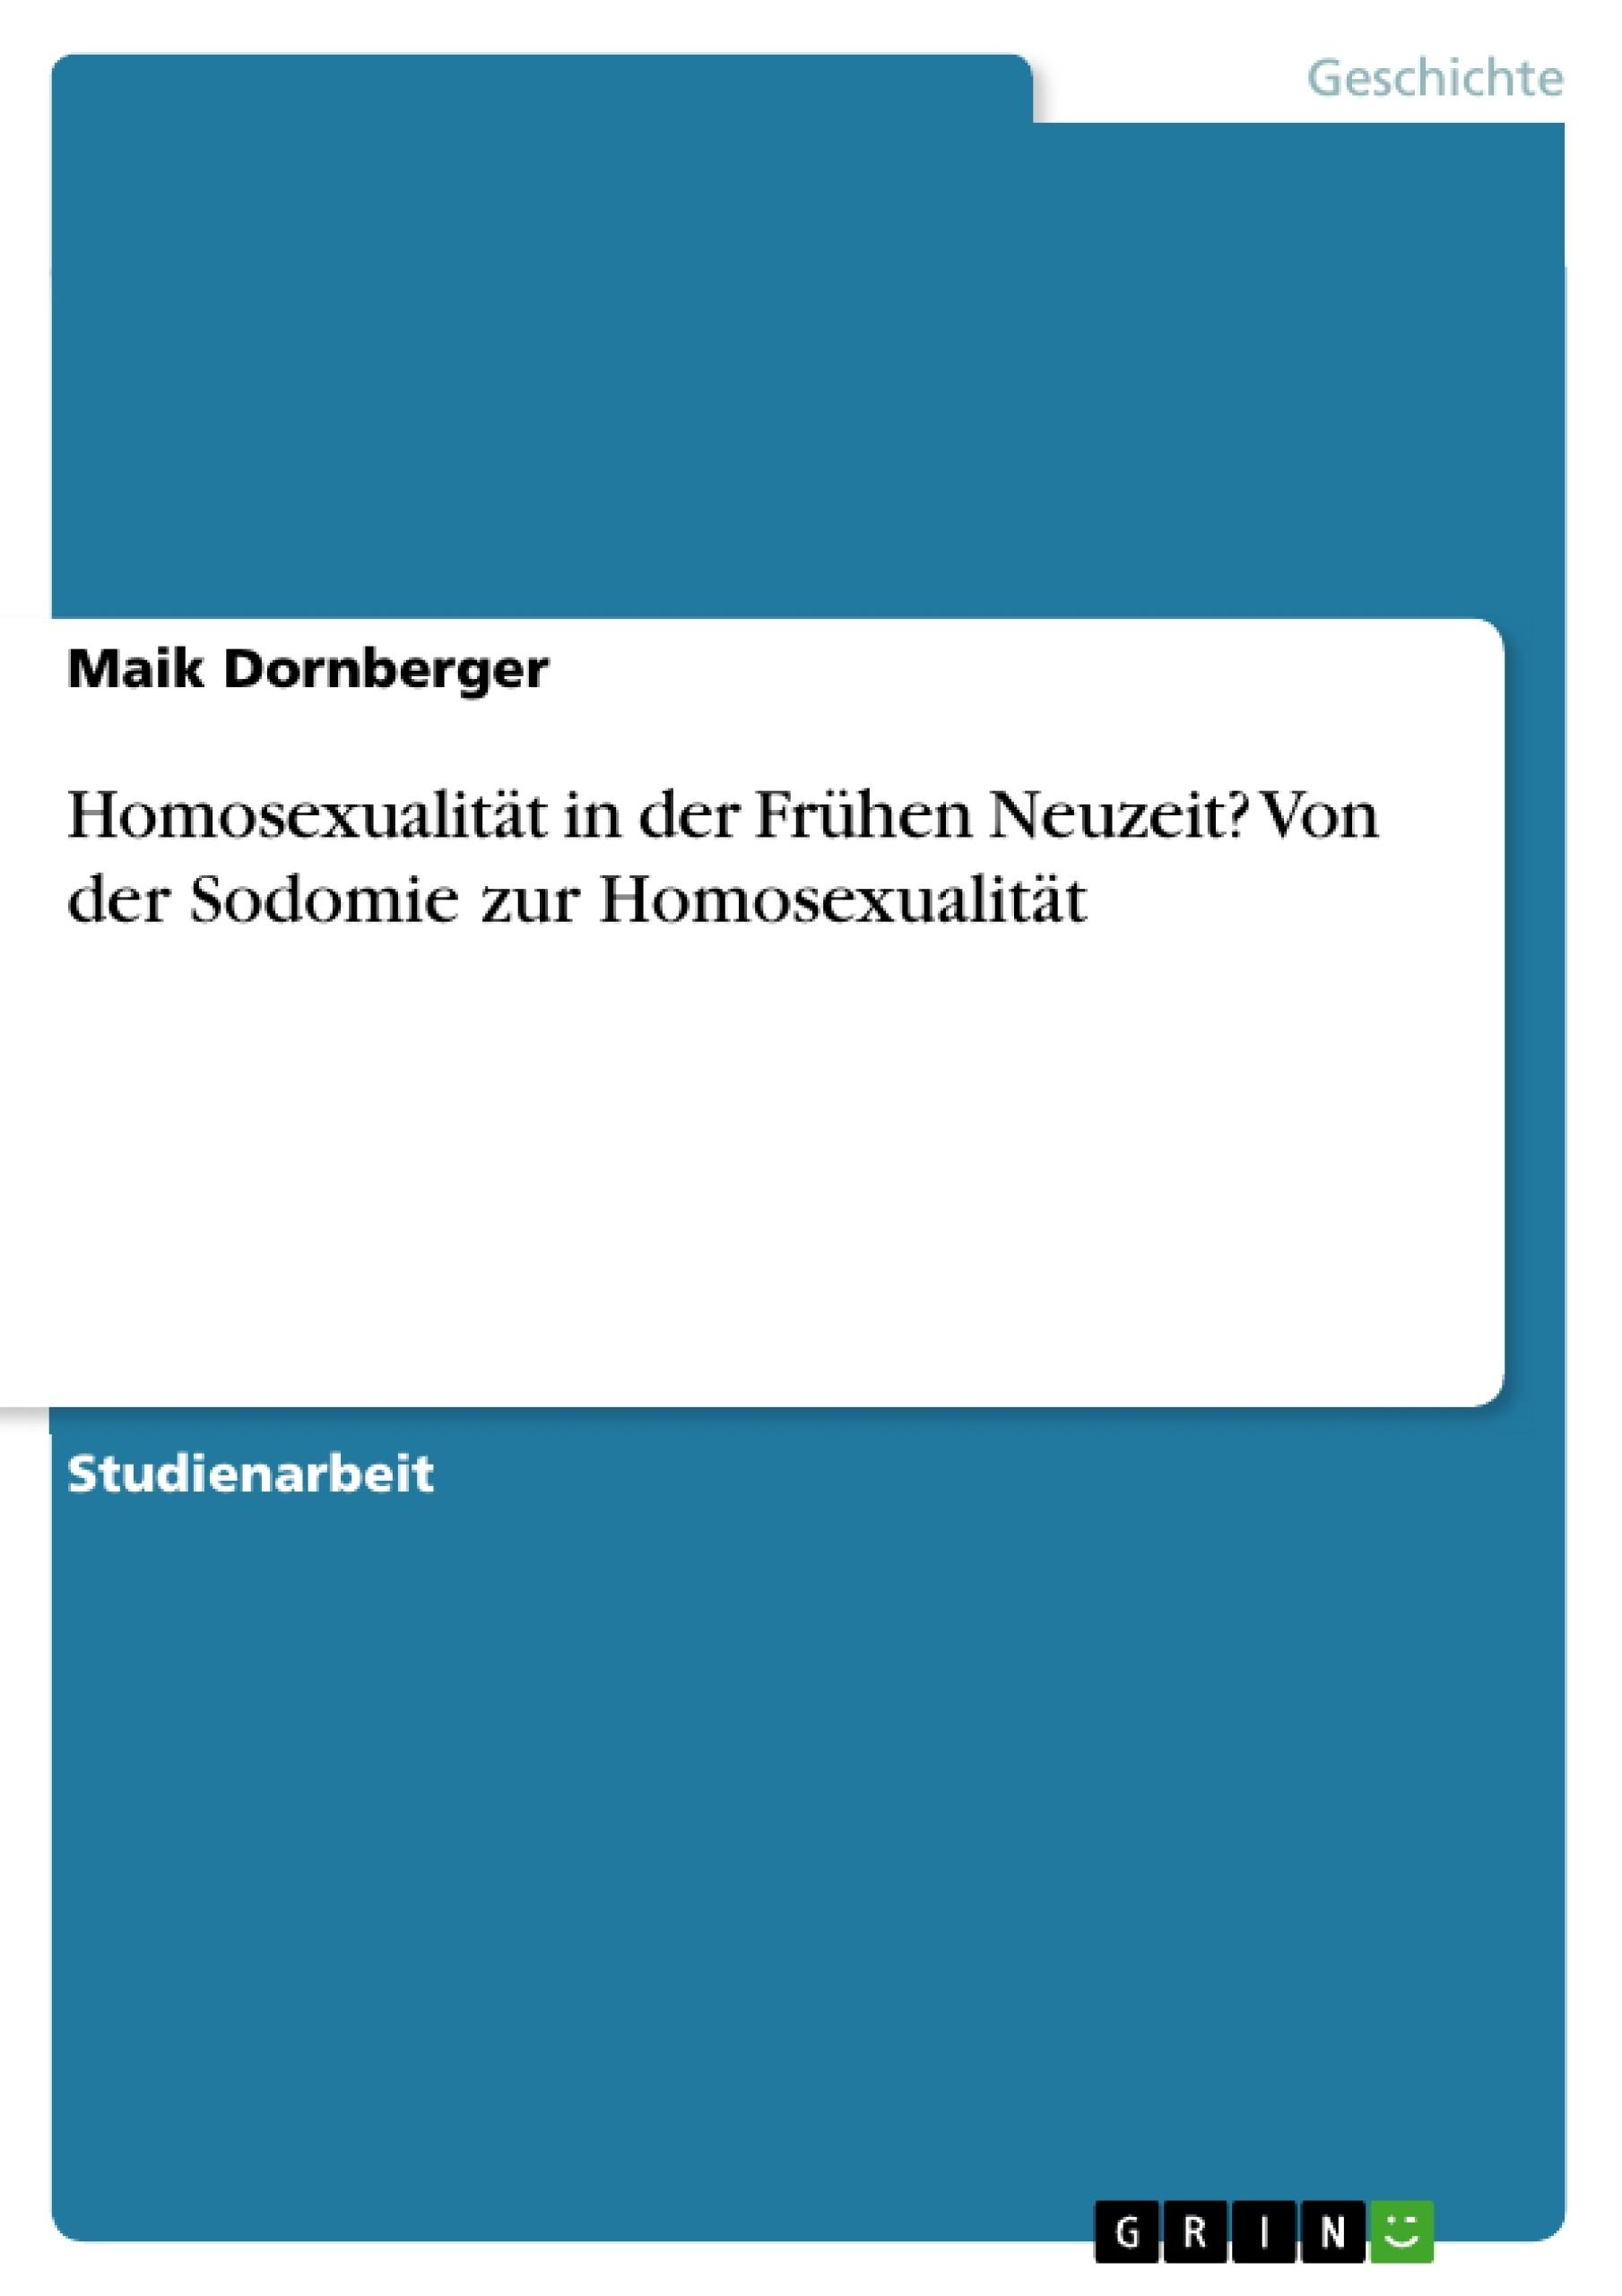 Titel: Homosexualität in der Frühen Neuzeit? Von der Sodomie zur Homosexualität